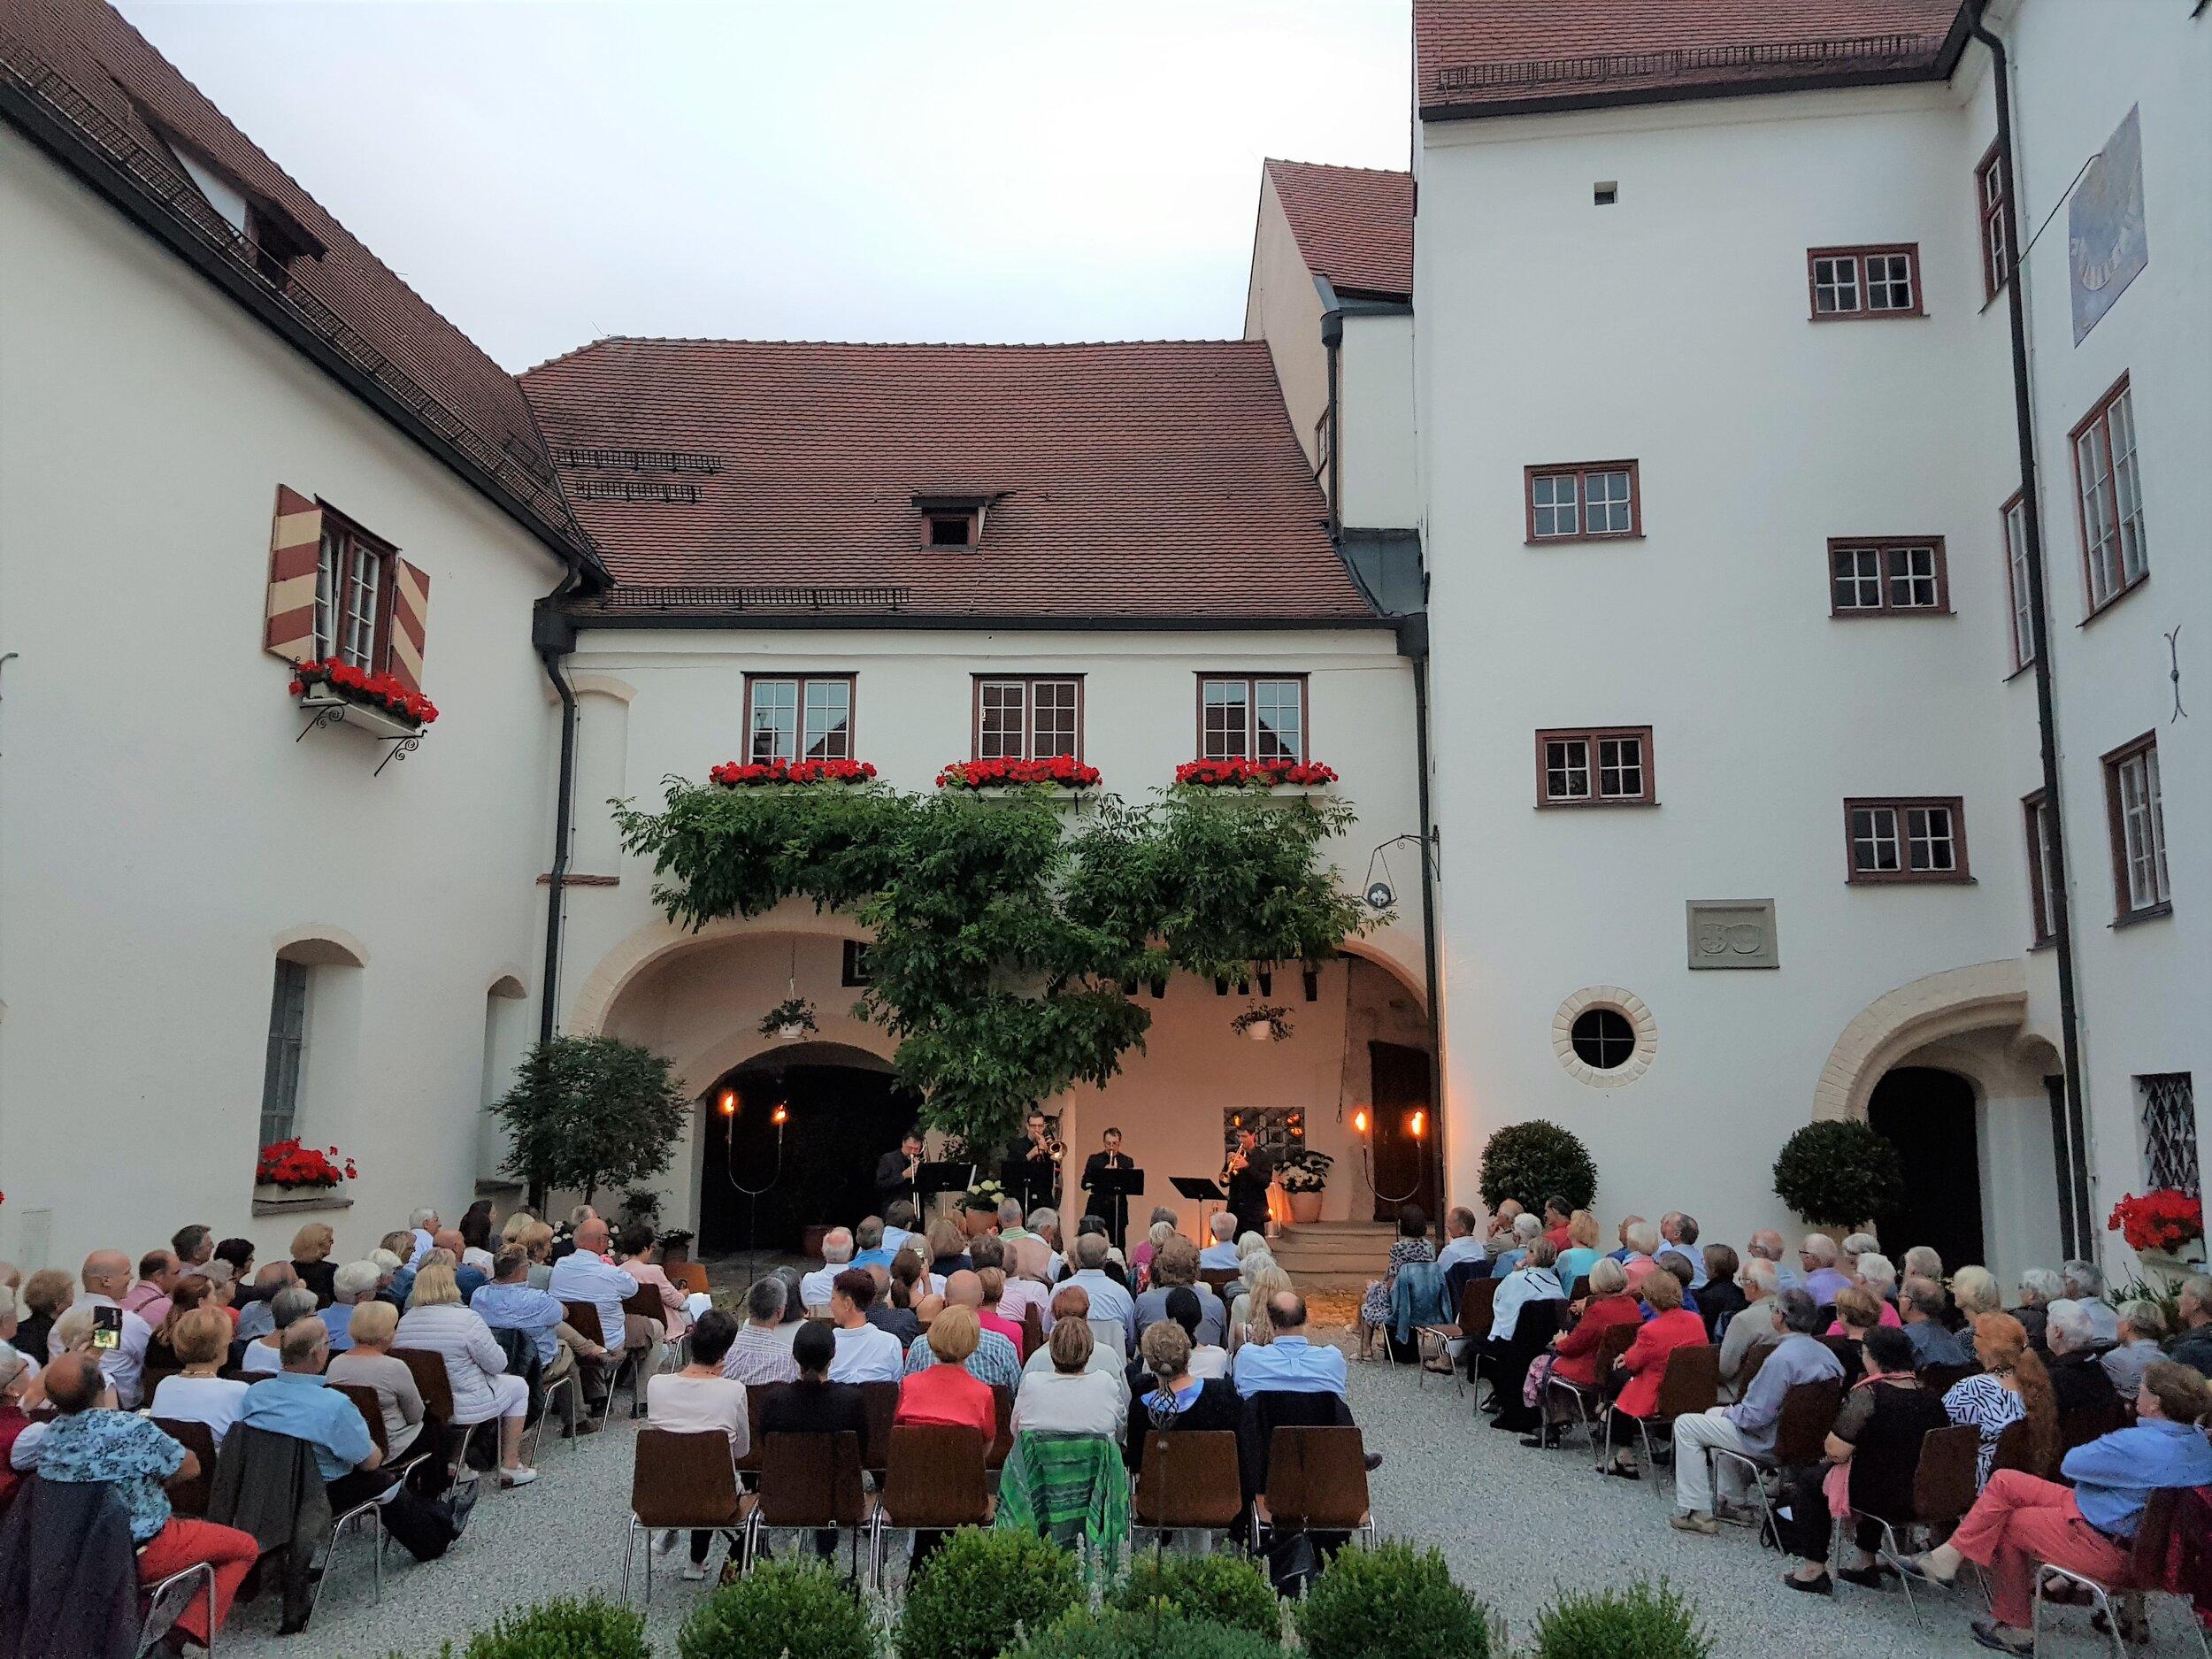 Schlosshof-Konzert am 20. Juli